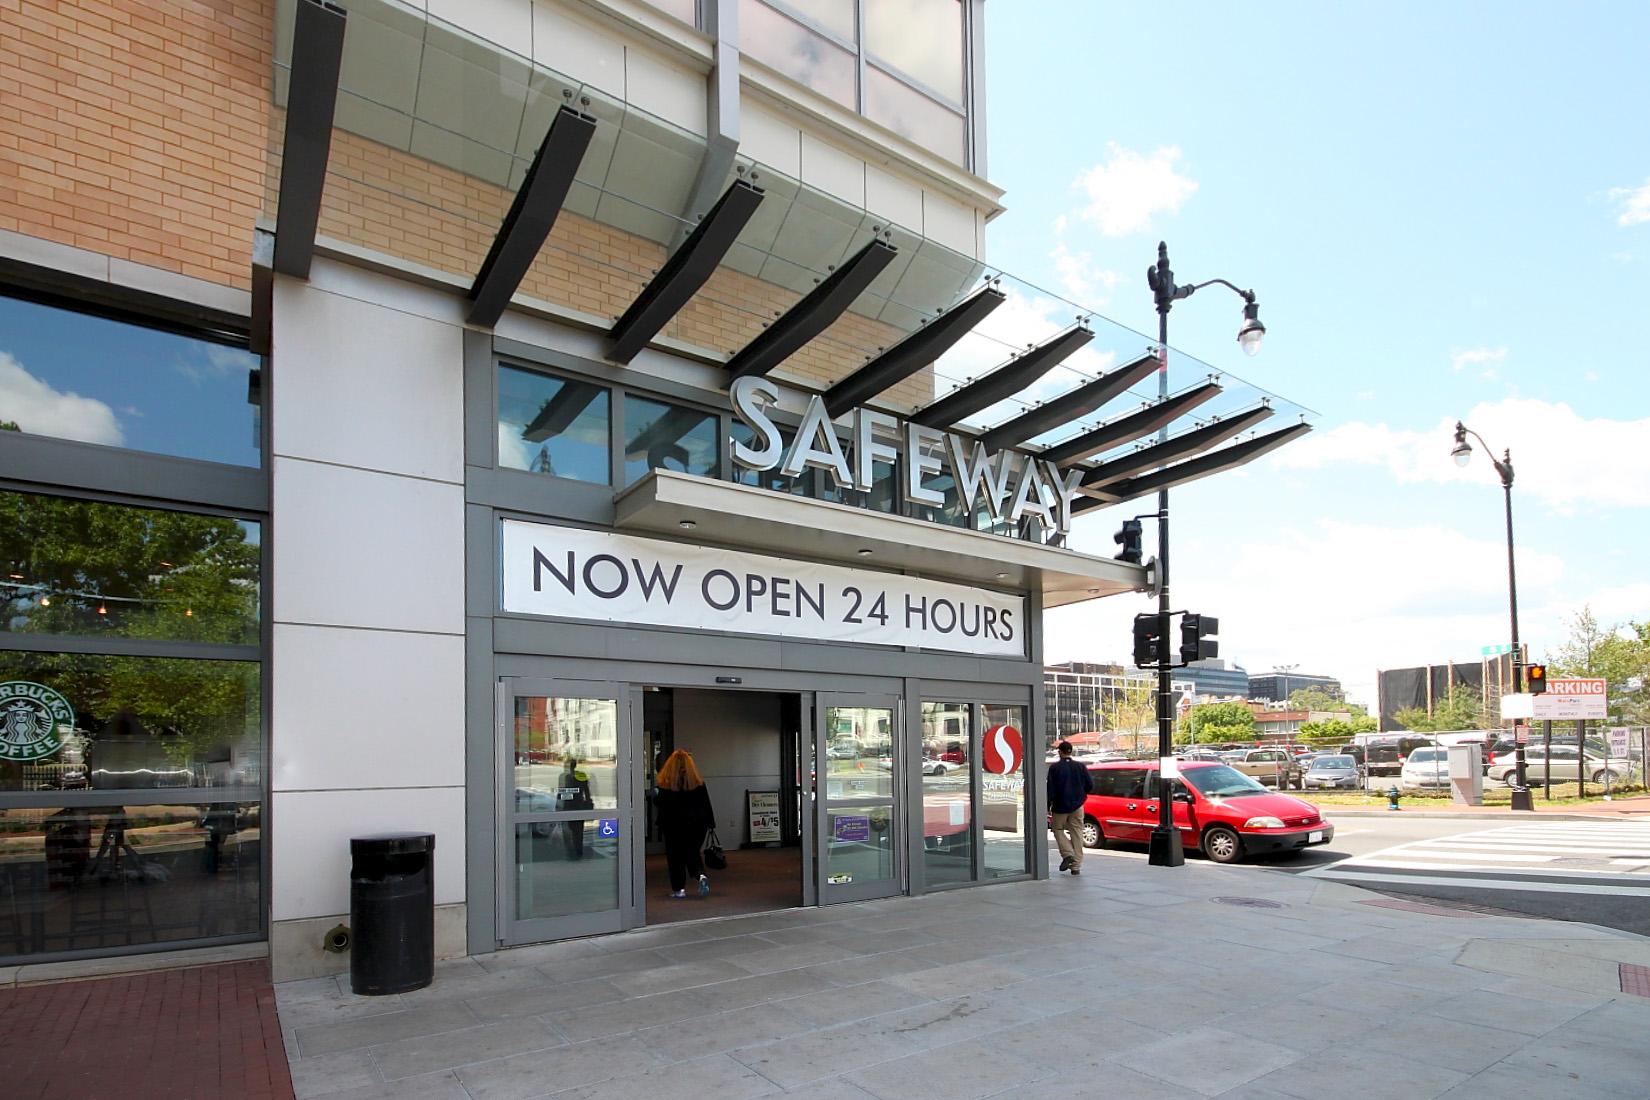 Mt Vernon Sexy Safeway.jpg